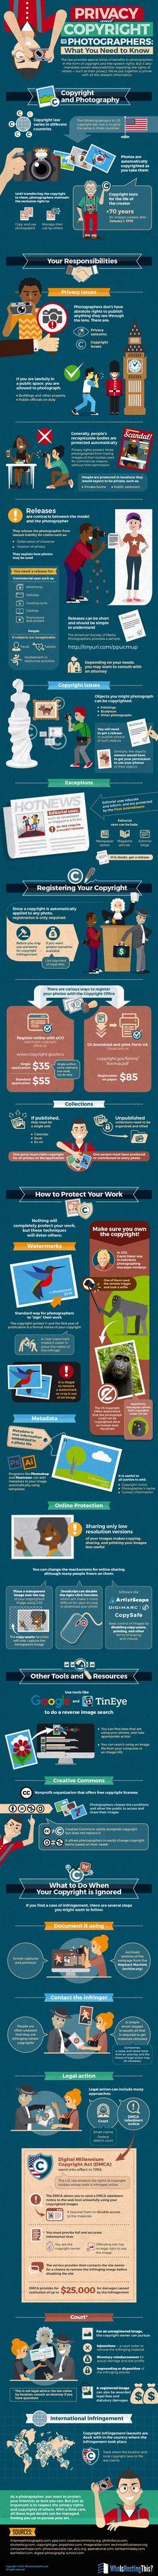 Atención, fotógrafo: Una guía ilustrada sobre privacidad y derechos de autor - Clases de Periodismo